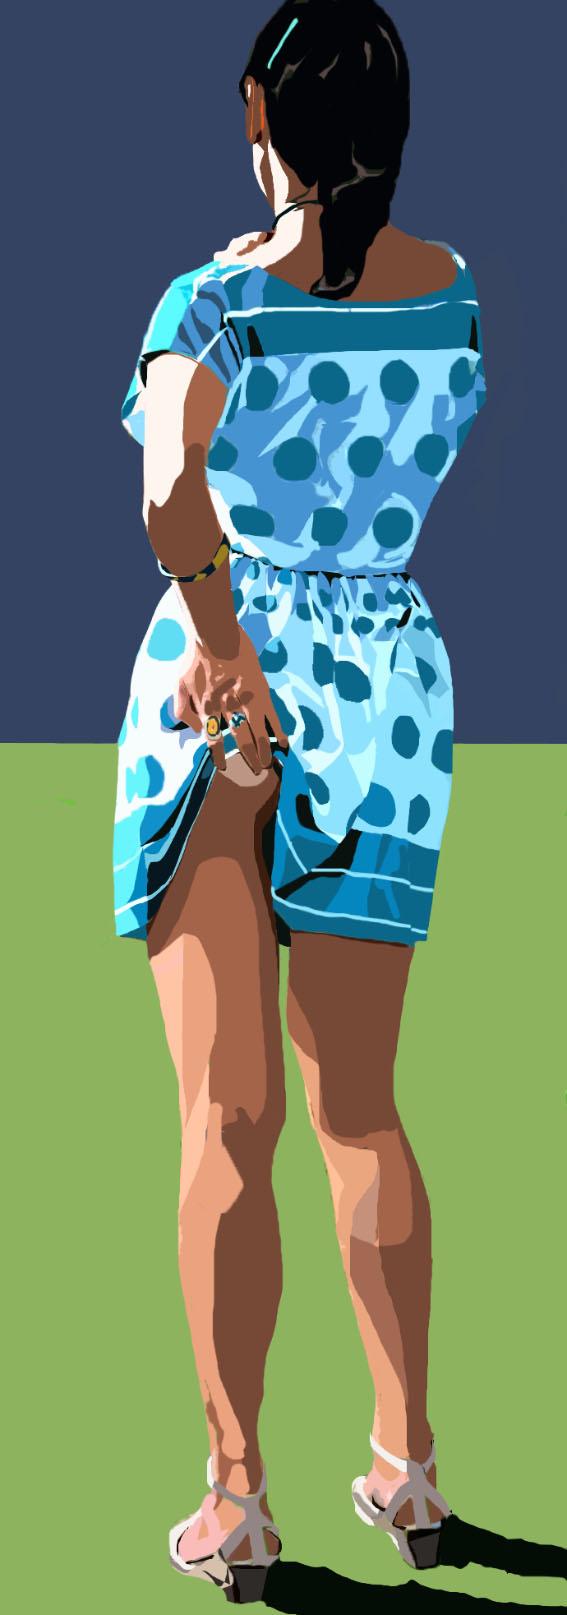 girl-in-polka-dot-dress